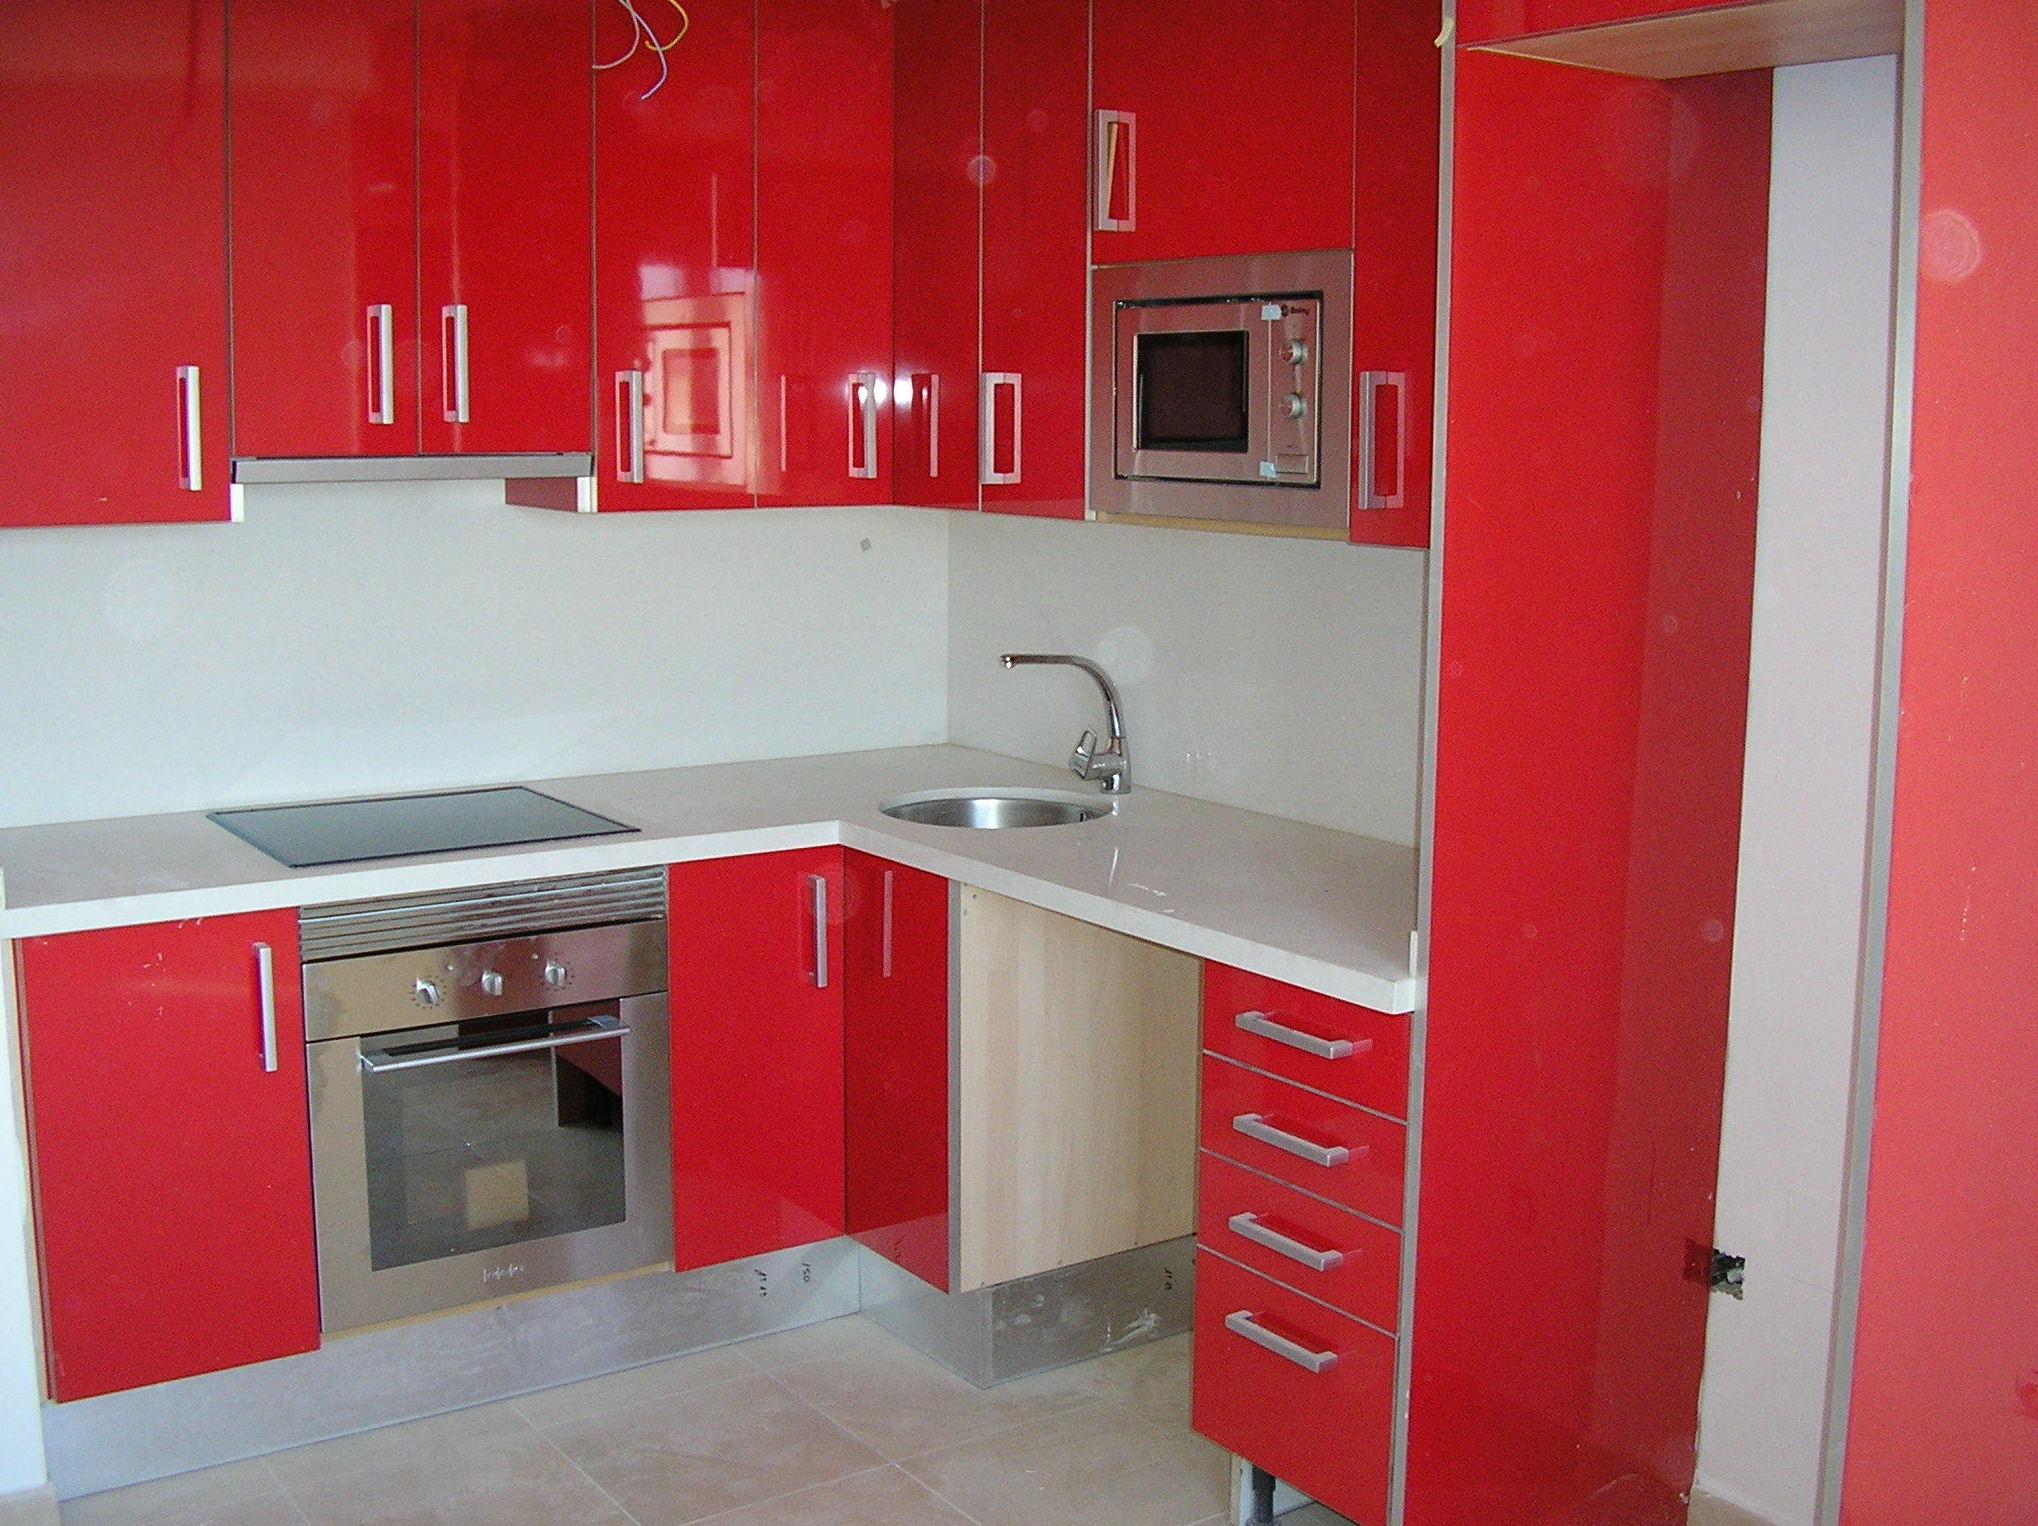 Foto 5 de puertas en manresa aluminismanresa - Muebles de cocina de aluminio ...